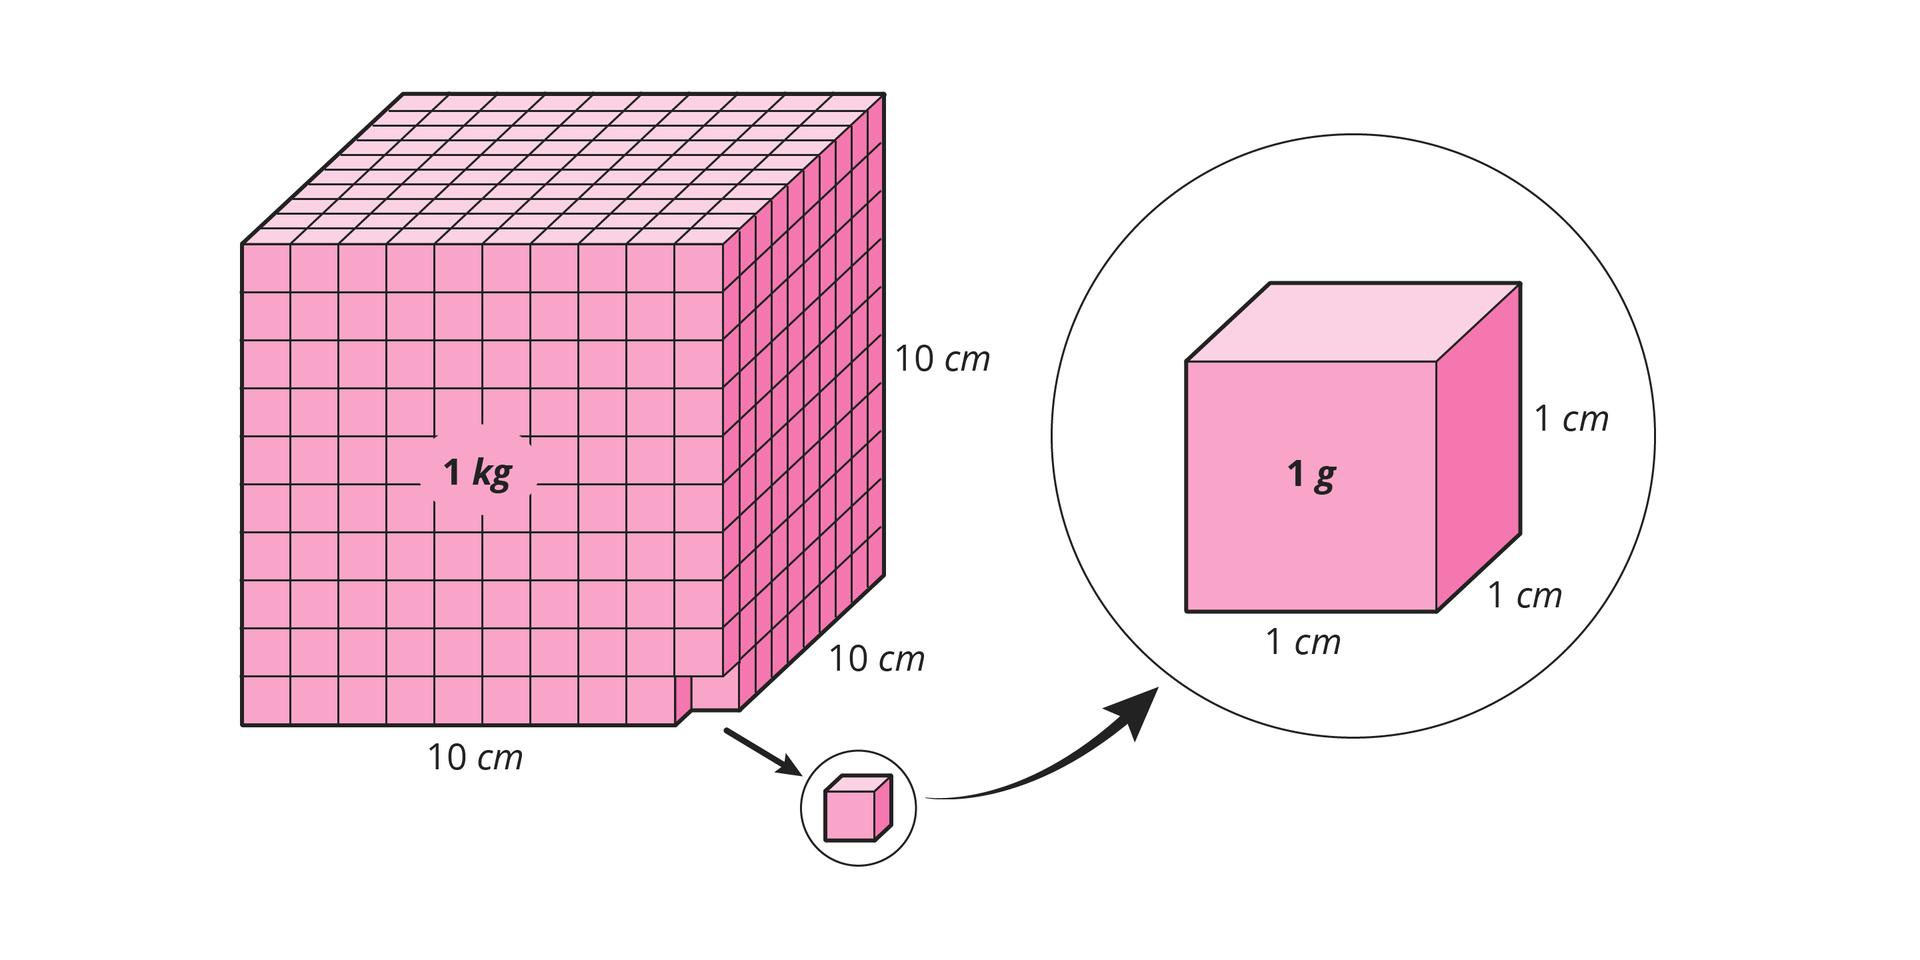 Na ilustracji znajduje się kostka, która złożona jest z1000 małych sześcianów oboku 1 cm.